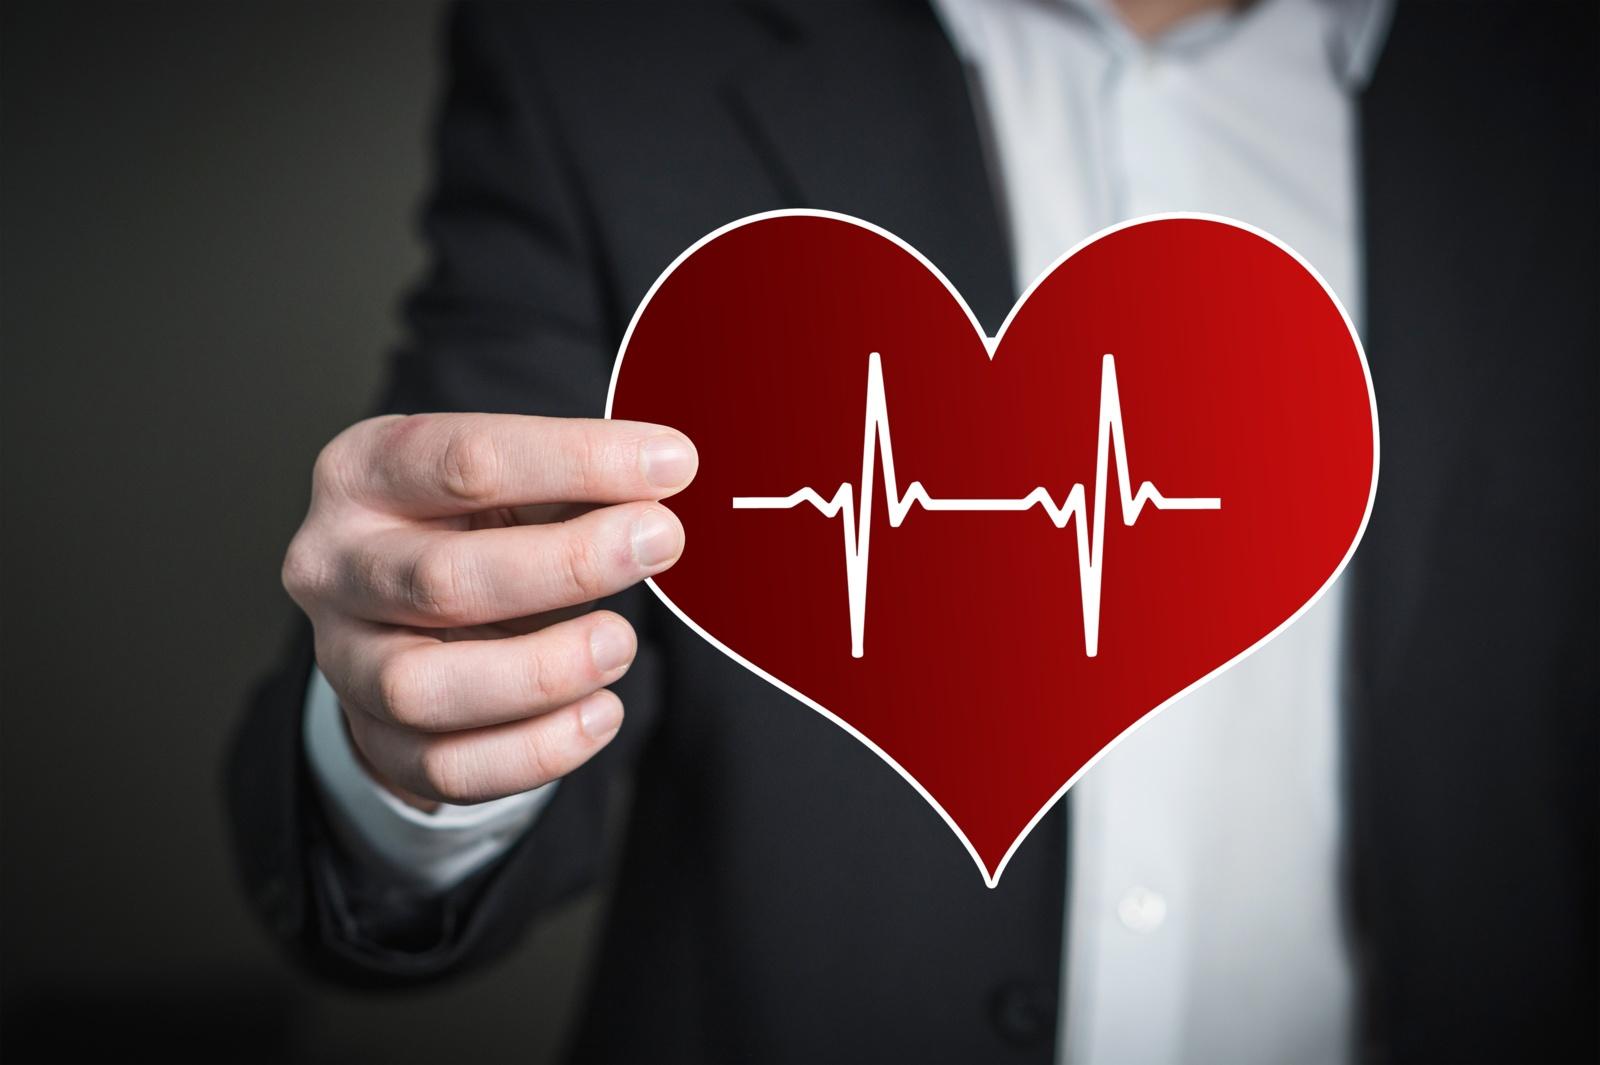 hipertenzija iki louise hey erškėtuogių savybės hipertenzijai gydyti